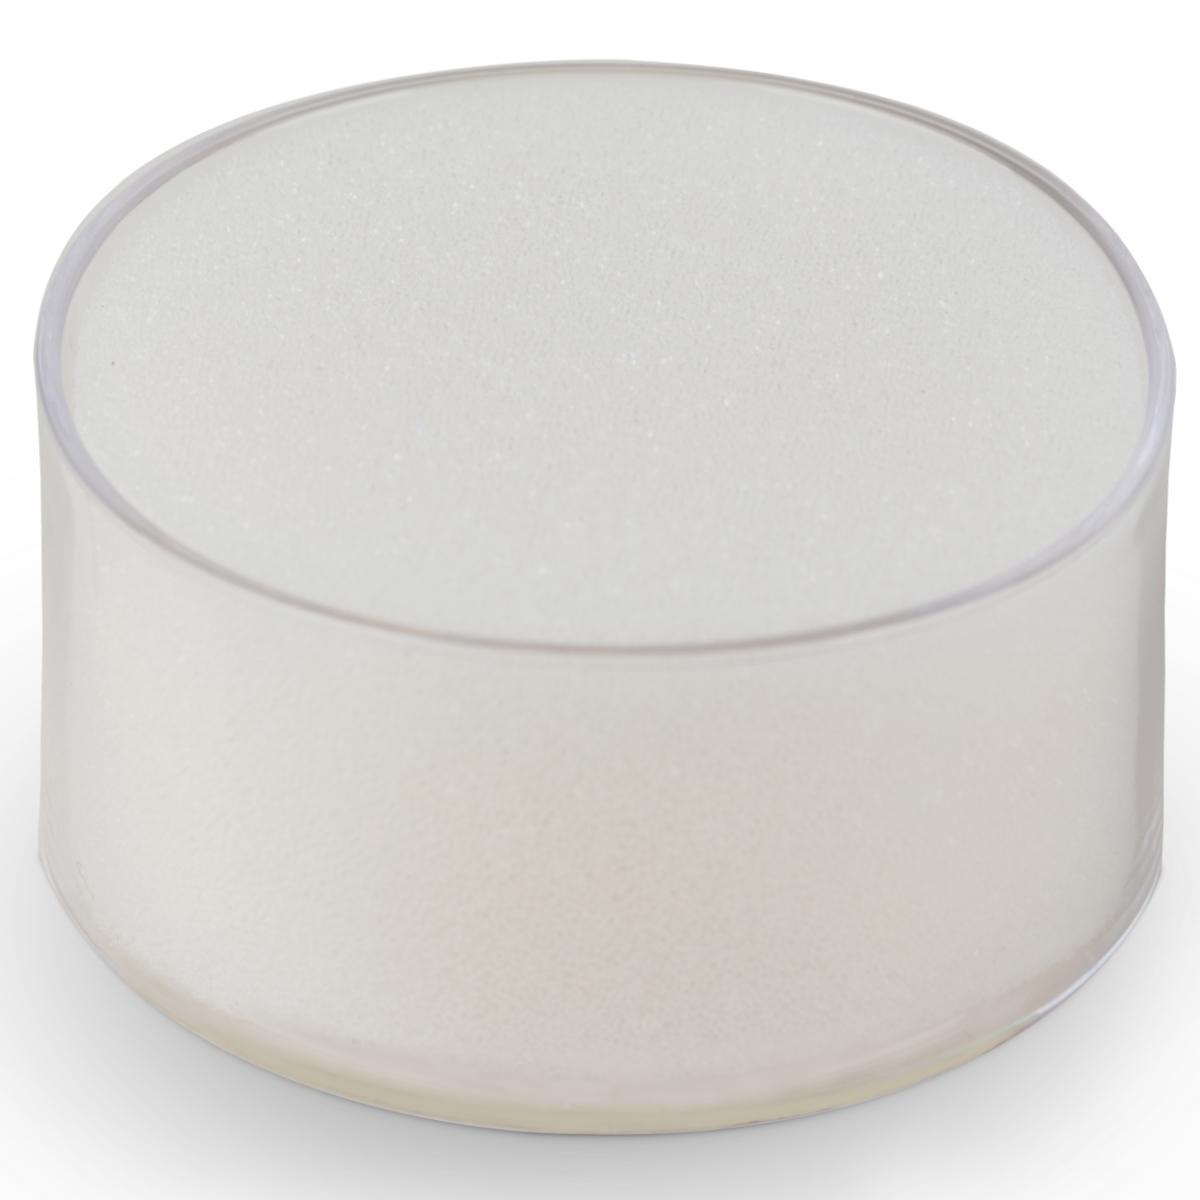 得力海绵缸9102 办公财务用品 圆形点钞湿手器 沾水缸 海绵材质